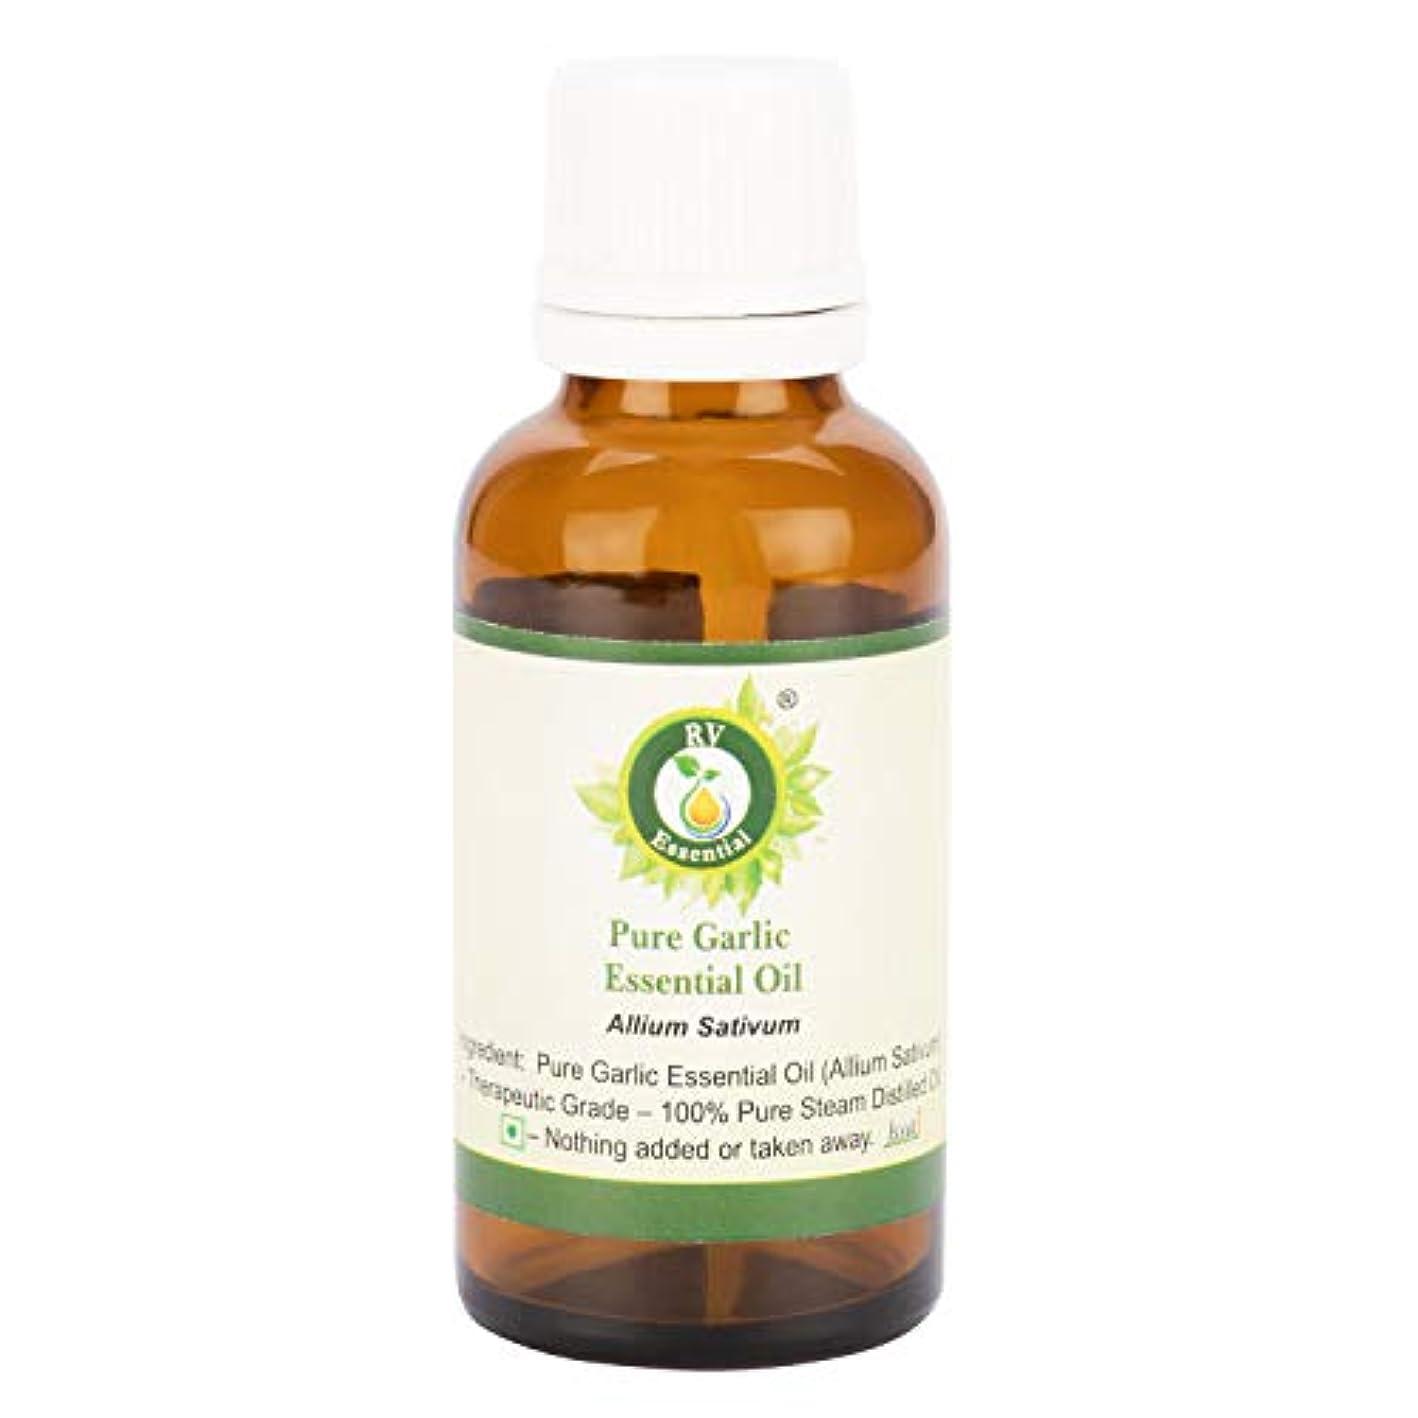 メンテナンスシニス航海のピュアニンニクエッセンシャルオイル100ml (3.38oz)- Allium Sativum (100%純粋&天然スチームDistilled) Pure Garlic Essential Oil